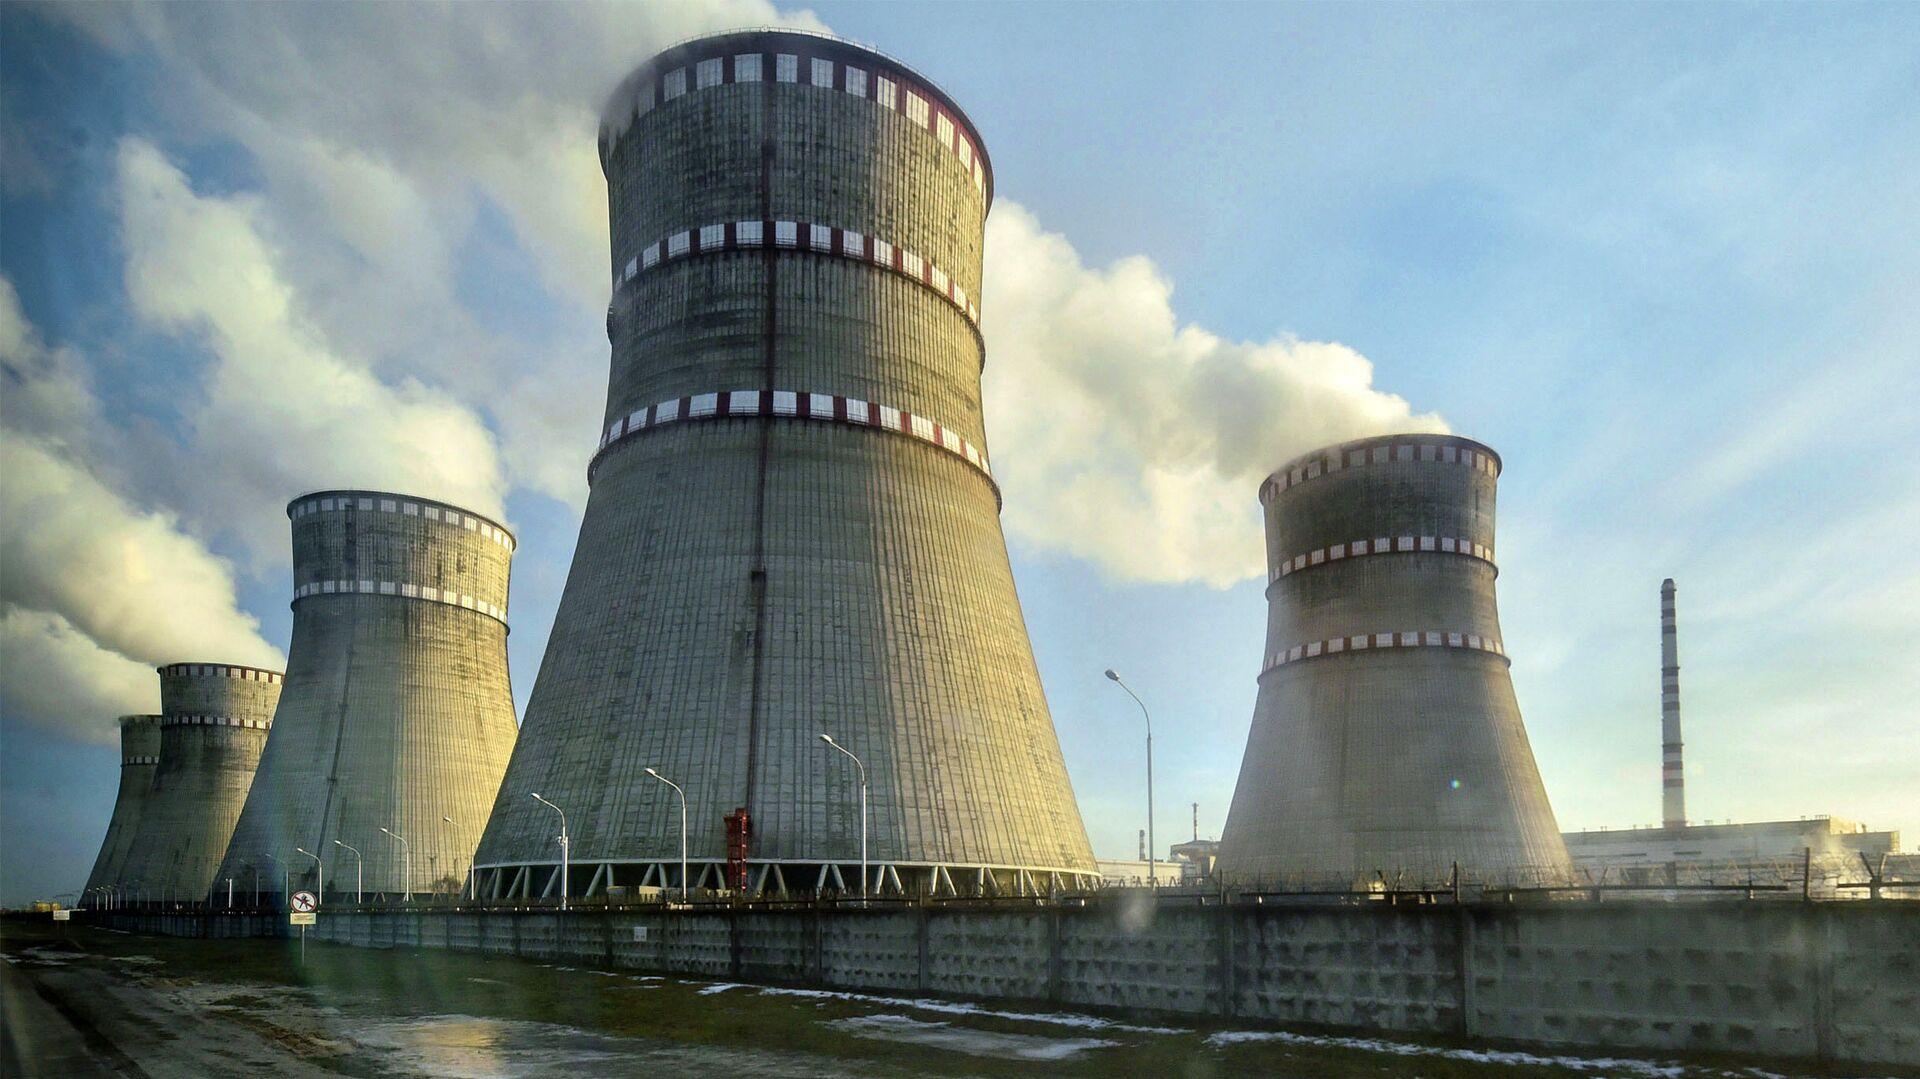 Ровенская атомная электростанция в Кузнецовске, Украина - РИА Новости, 1920, 30.09.2020